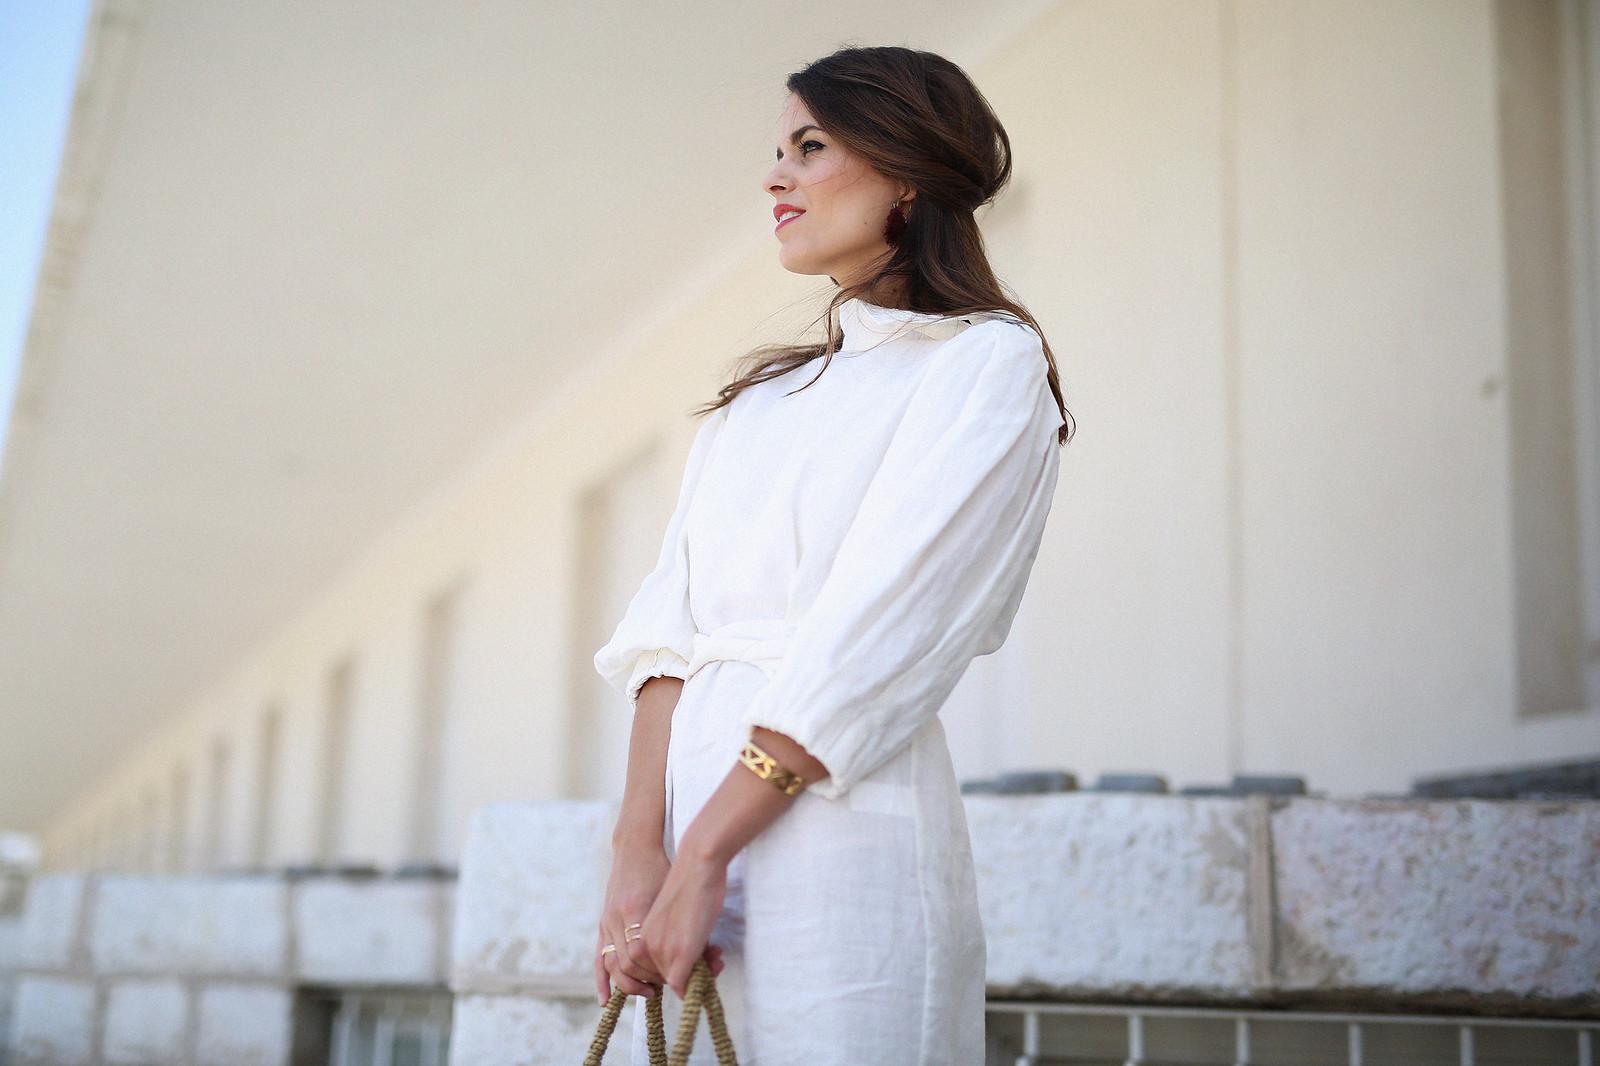 jessie chanes seams for a desire zara vestido lino capazo rafia-5